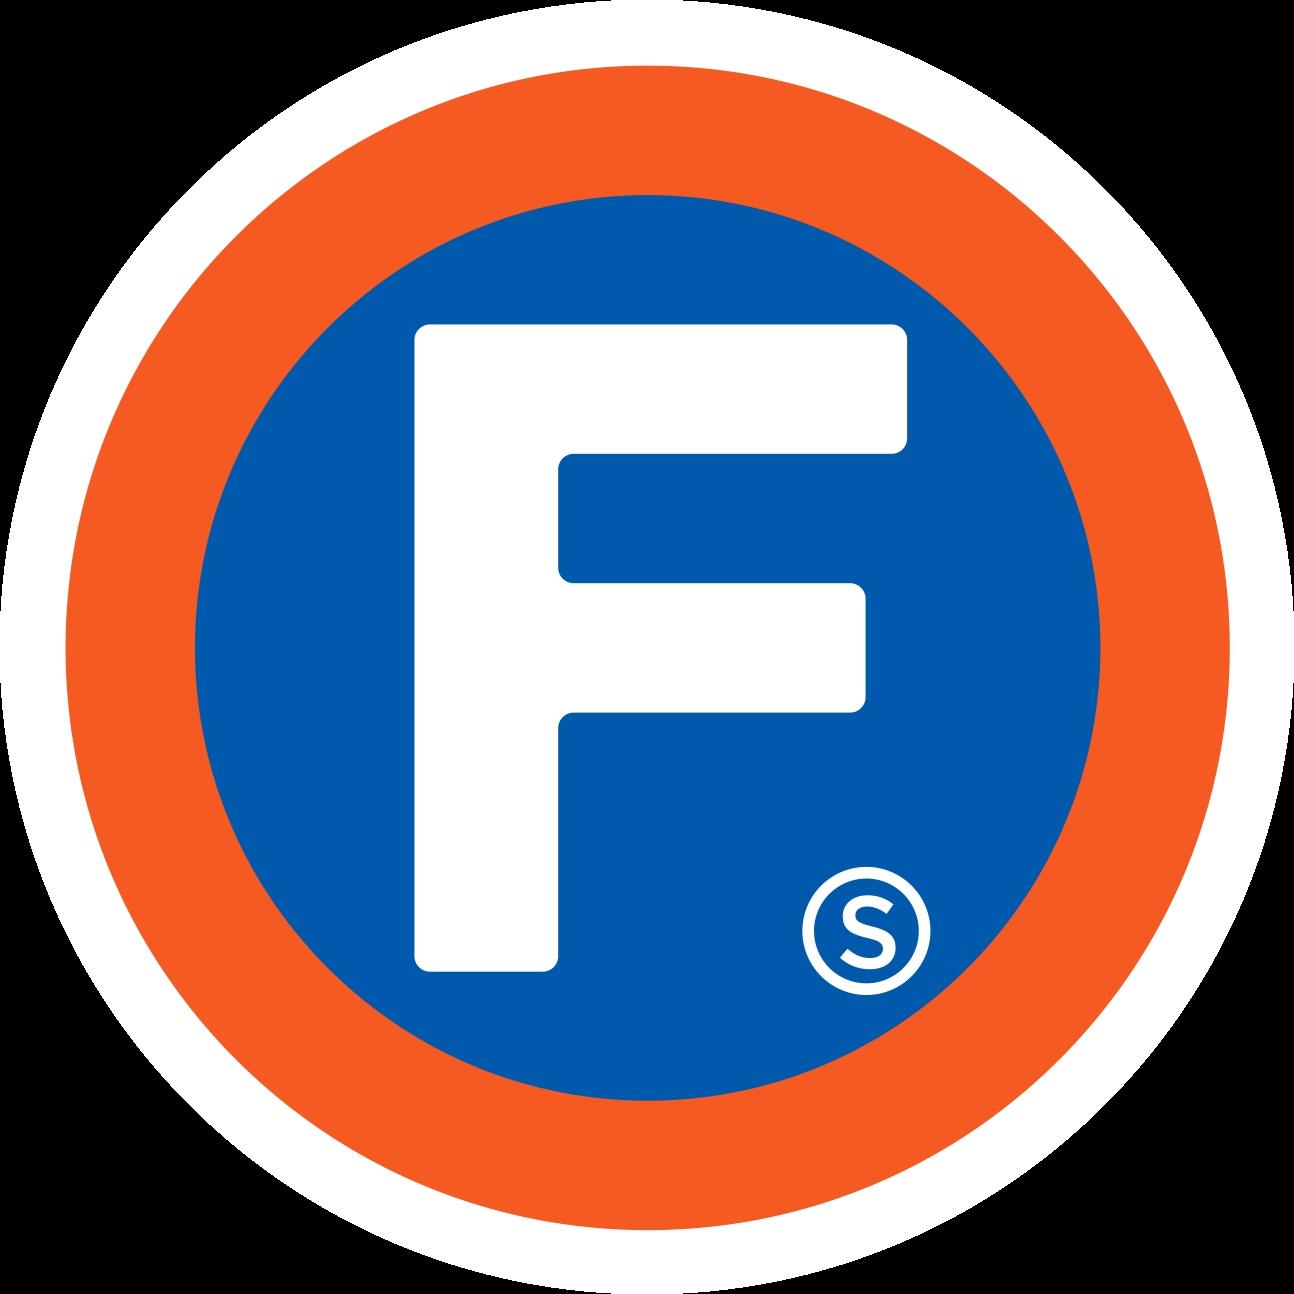 futureshop 無料オンラインコンサルティング 予約ページ